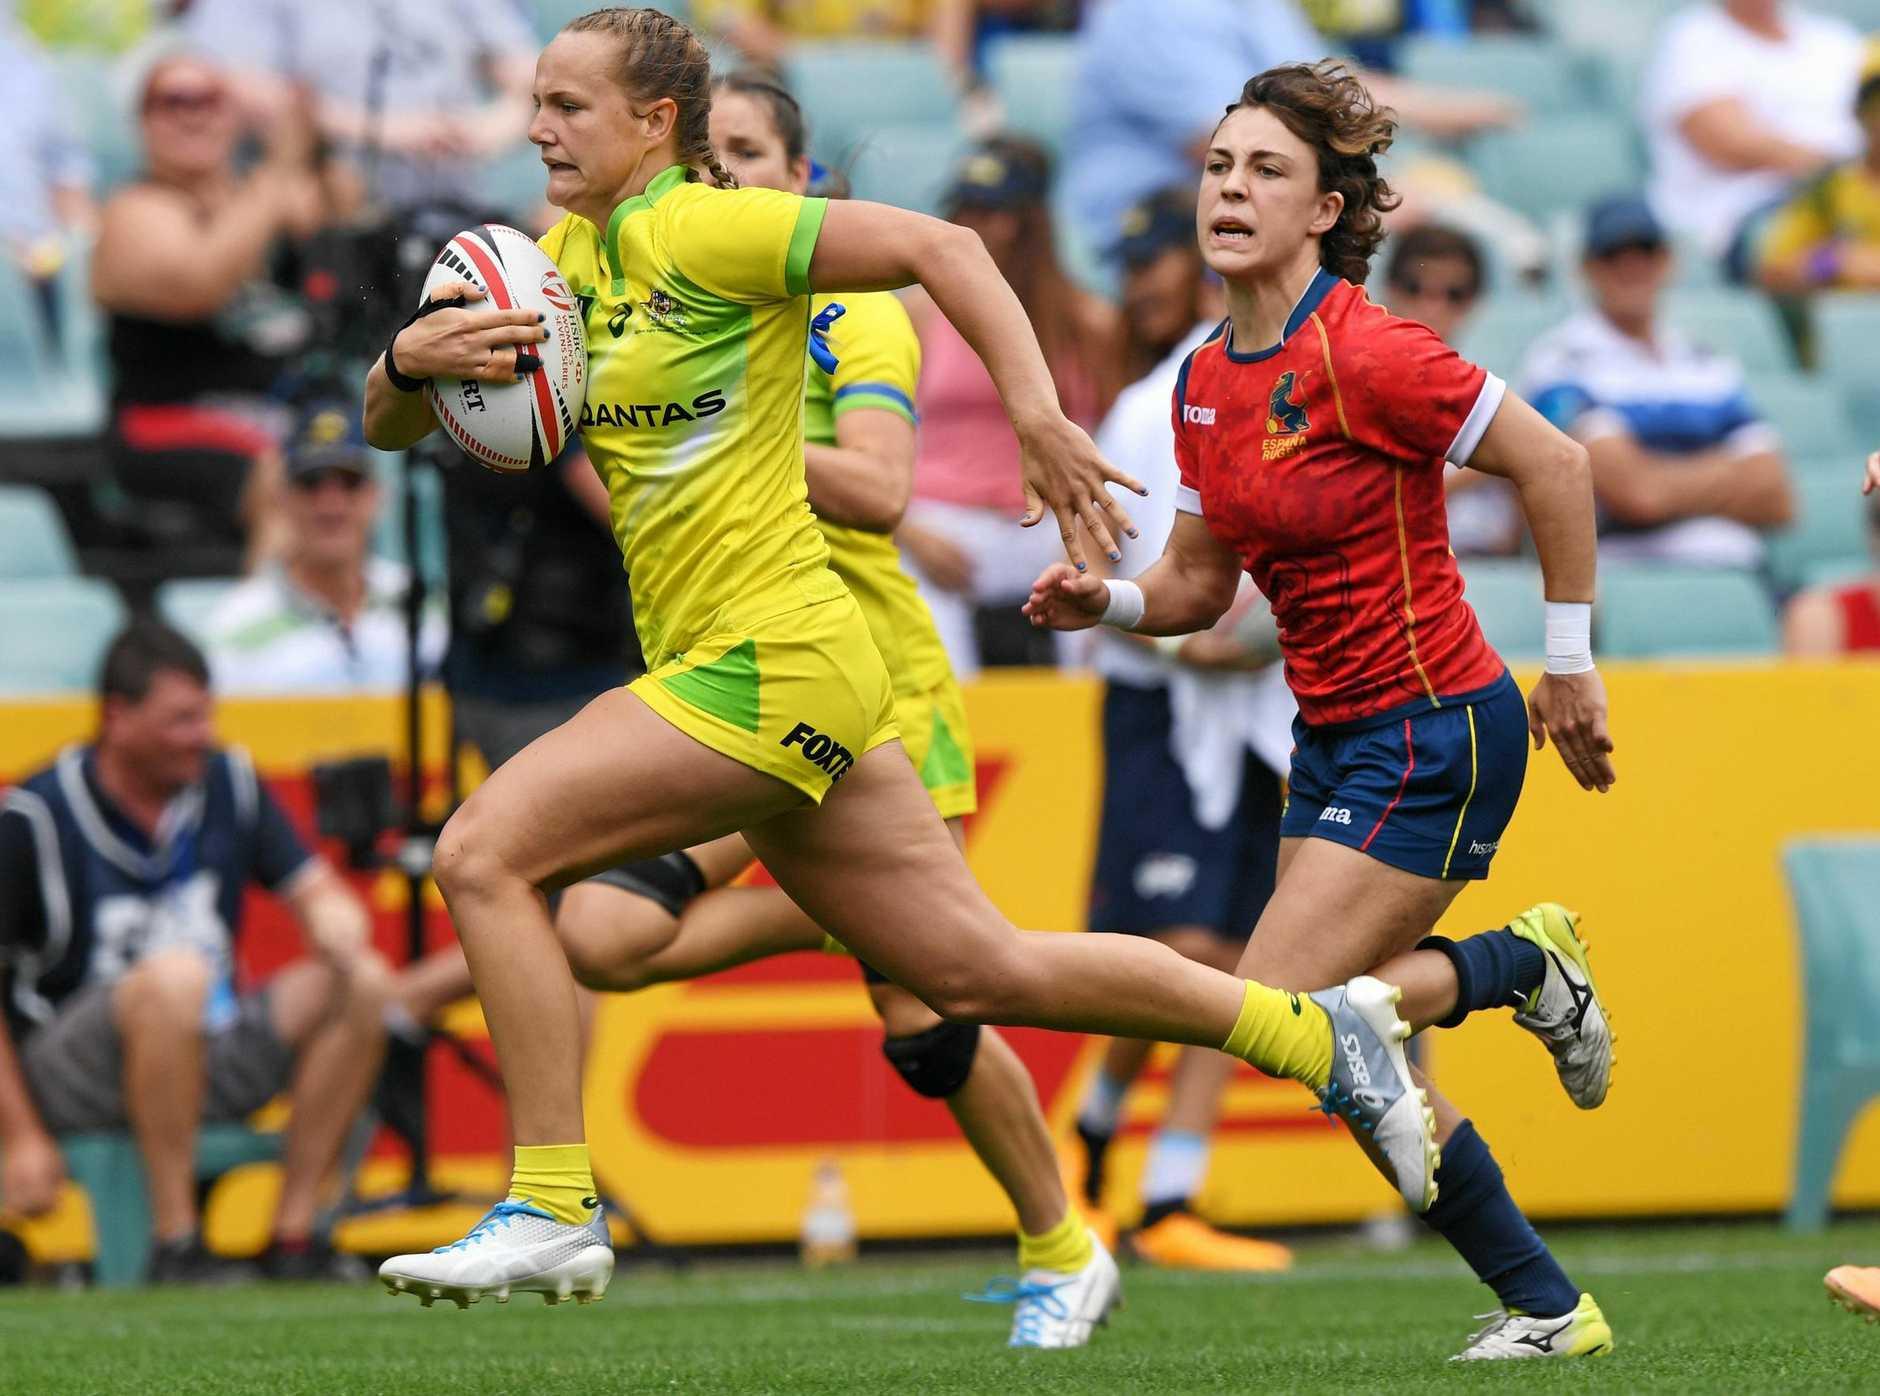 RUNNING: Emma Sykes.